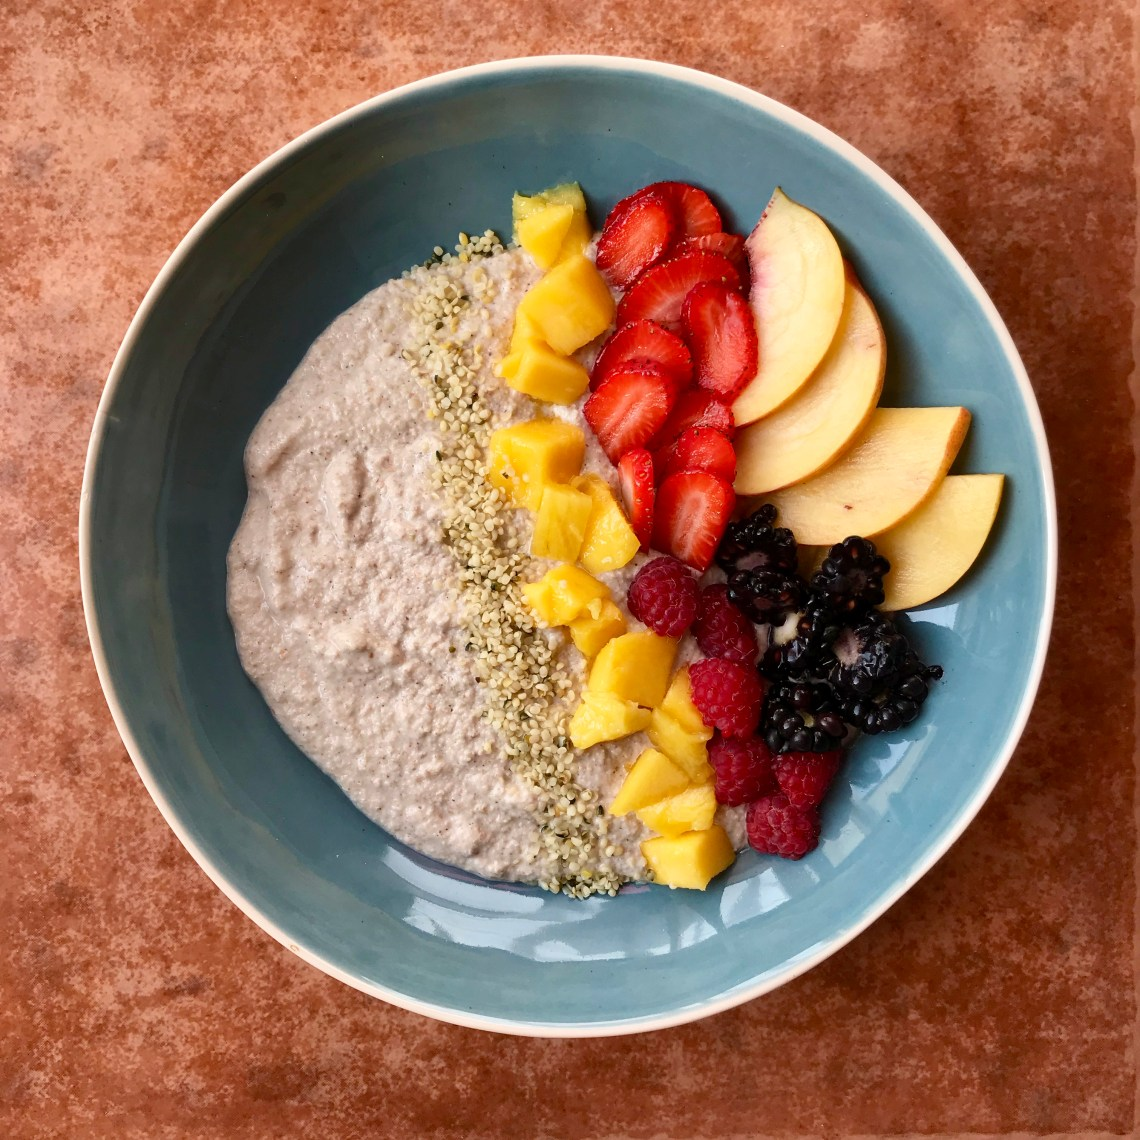 Fermented Buckwheat Porridge